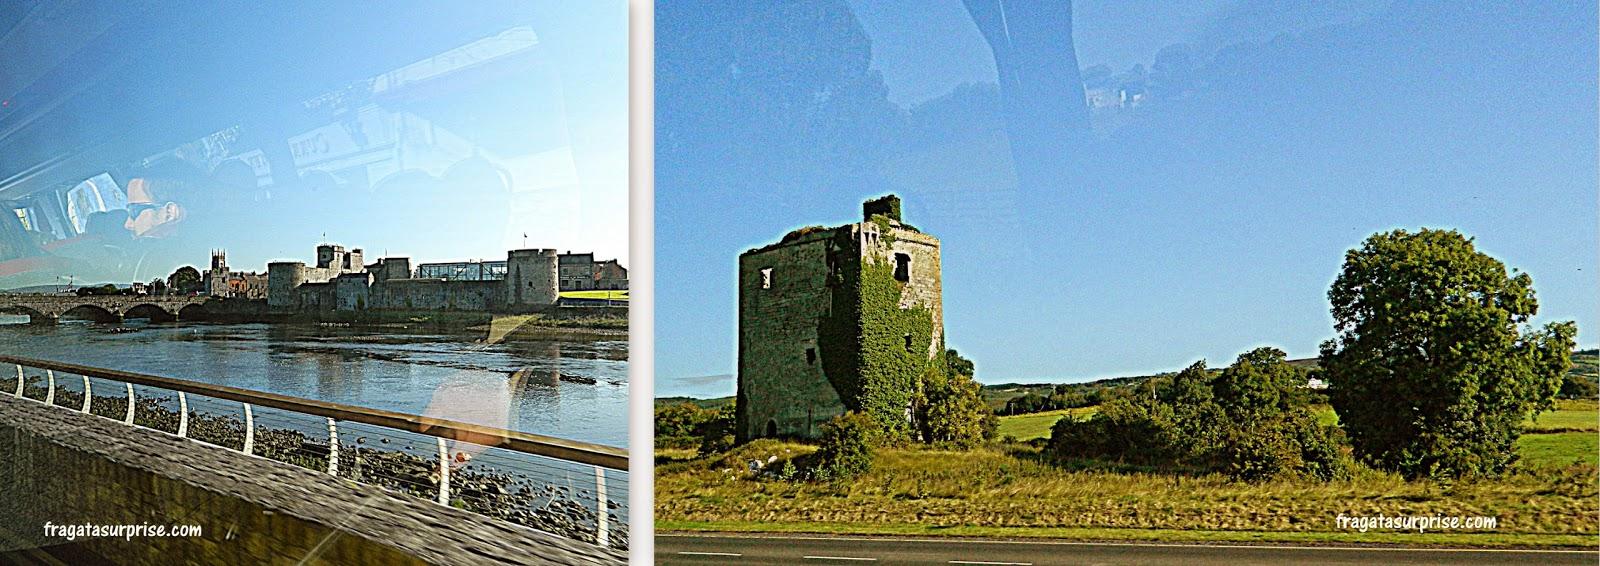 Paisagem da Irlanda no caminho para os Cliffs of Moher